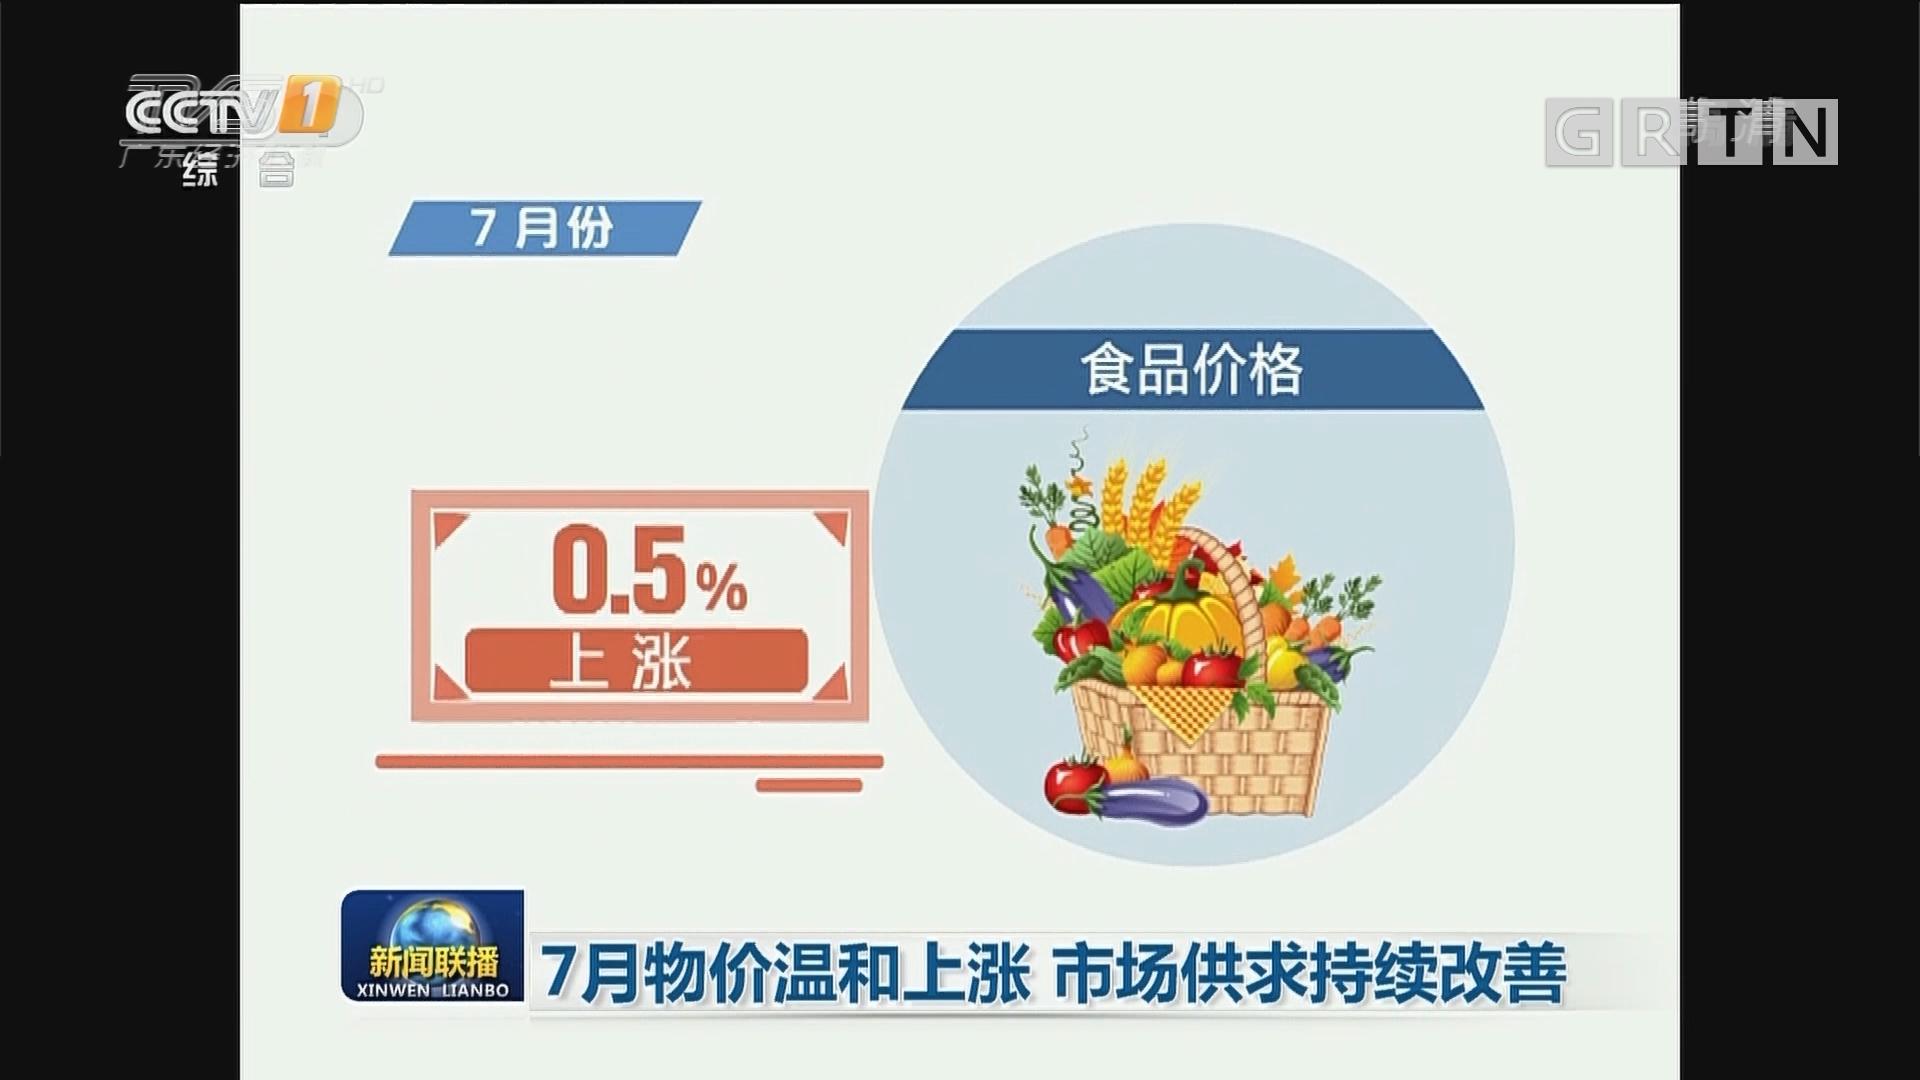 7月物价温和上涨 市场供求持续改善